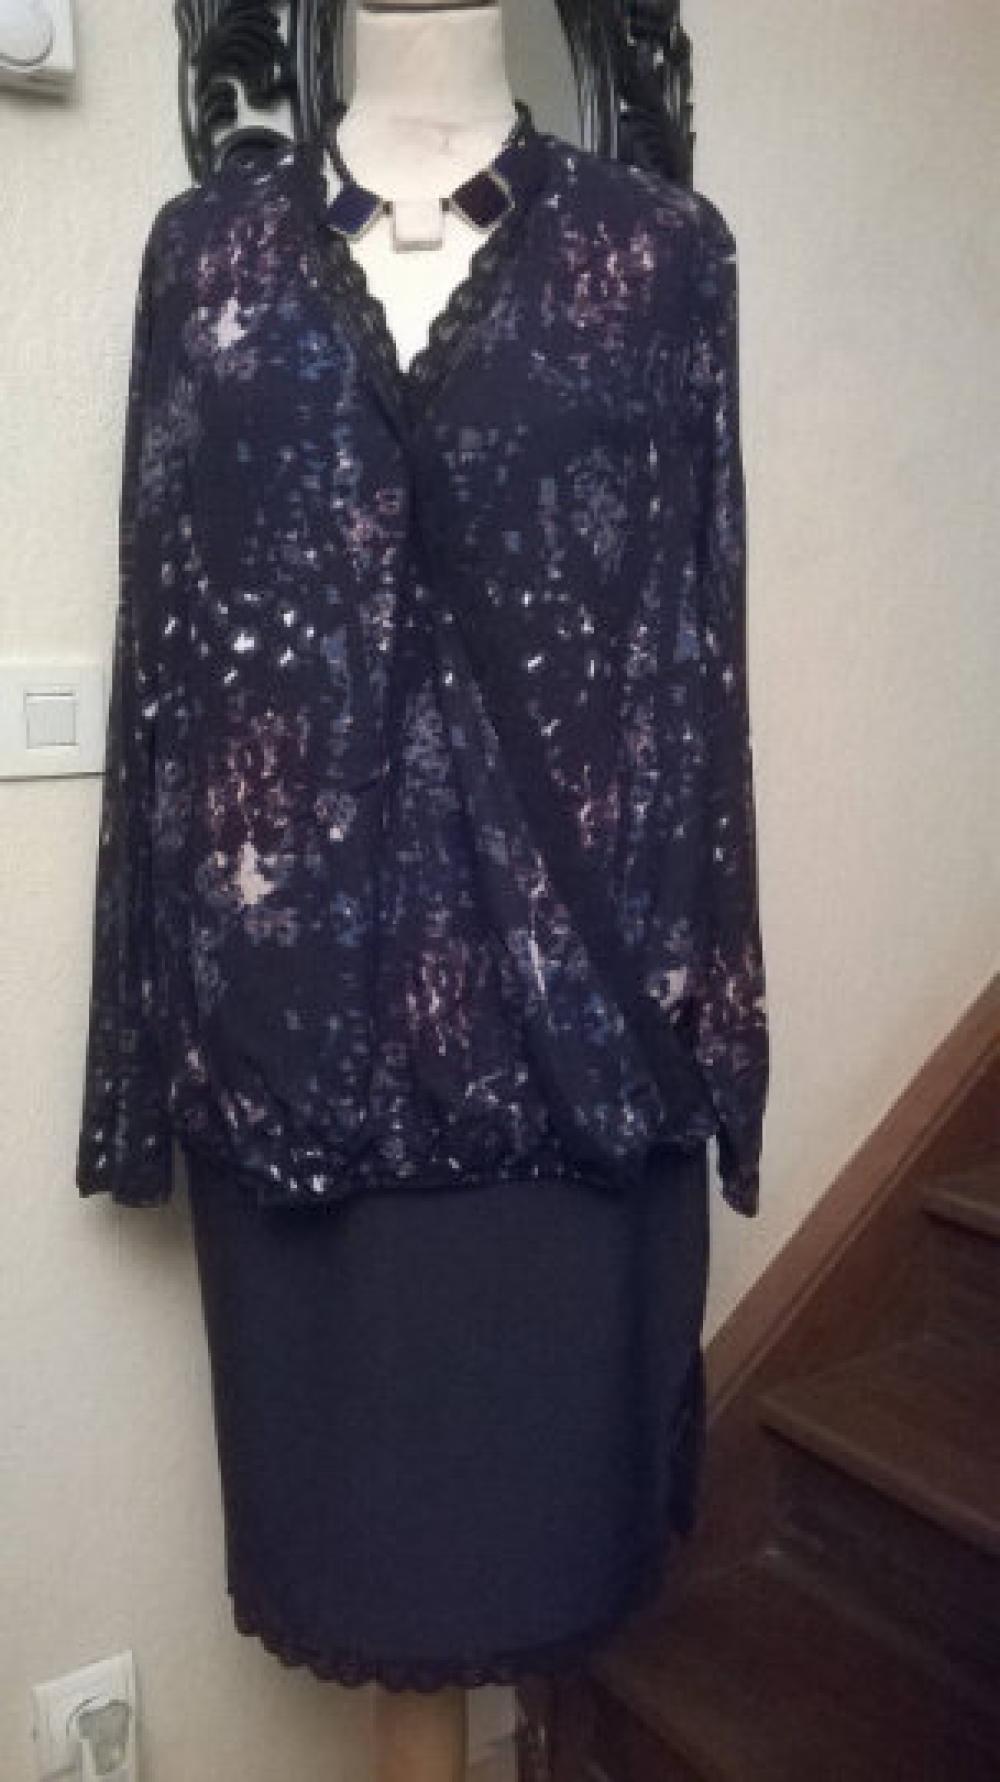 Grande taille,blouse femme,coton et viscose,couleur imprimé noir,tunique femme,tunique fille,cadeau femme,cadeau fille,vêtements